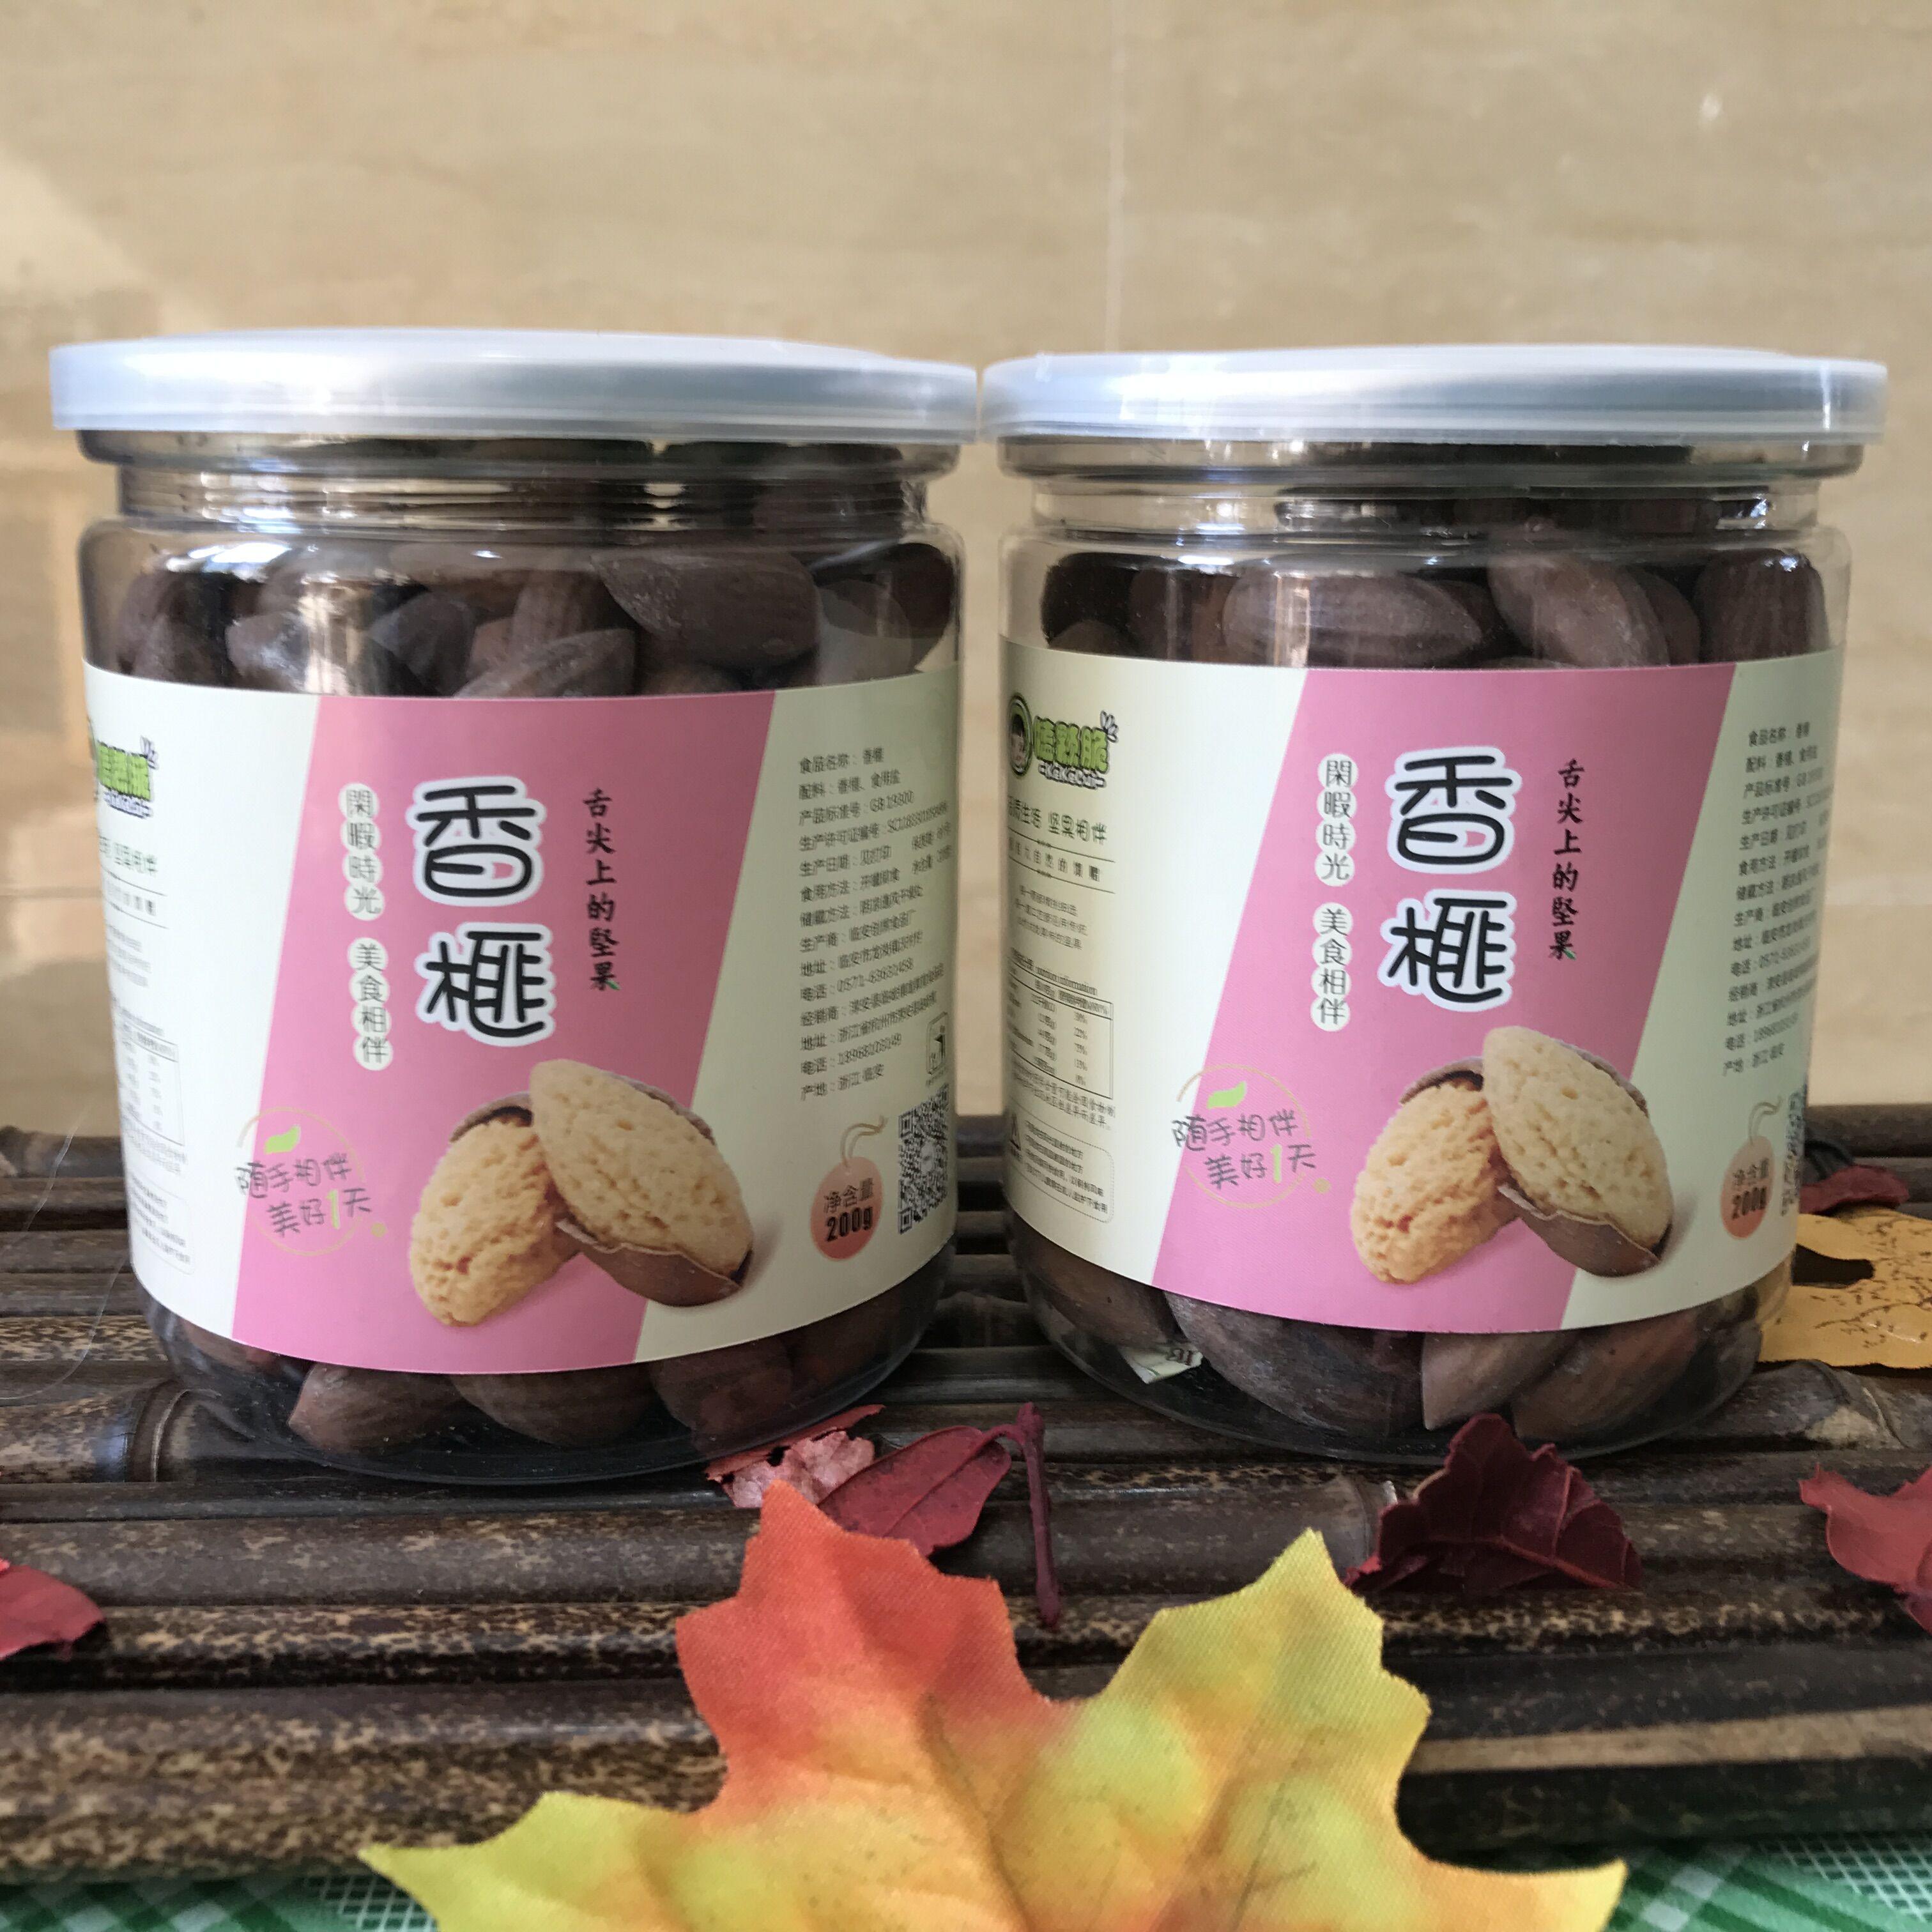 2018年新货特级香榧子诸暨特产枫桥香榧2罐装坚果炒货